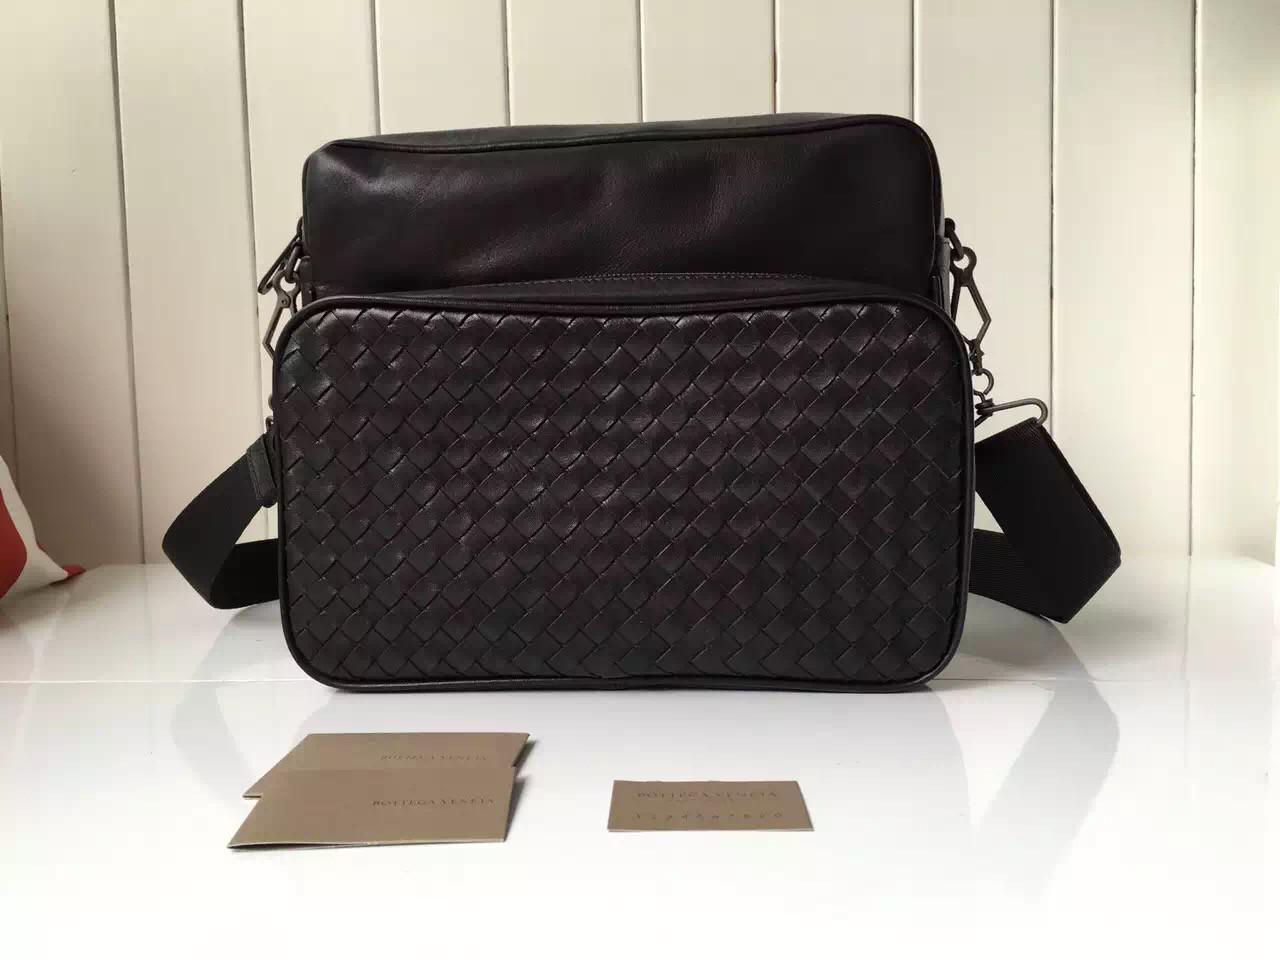 6bb8d7baec7c Сумка мужская купить - мужская сумка через плечо | vkstore.com.ua